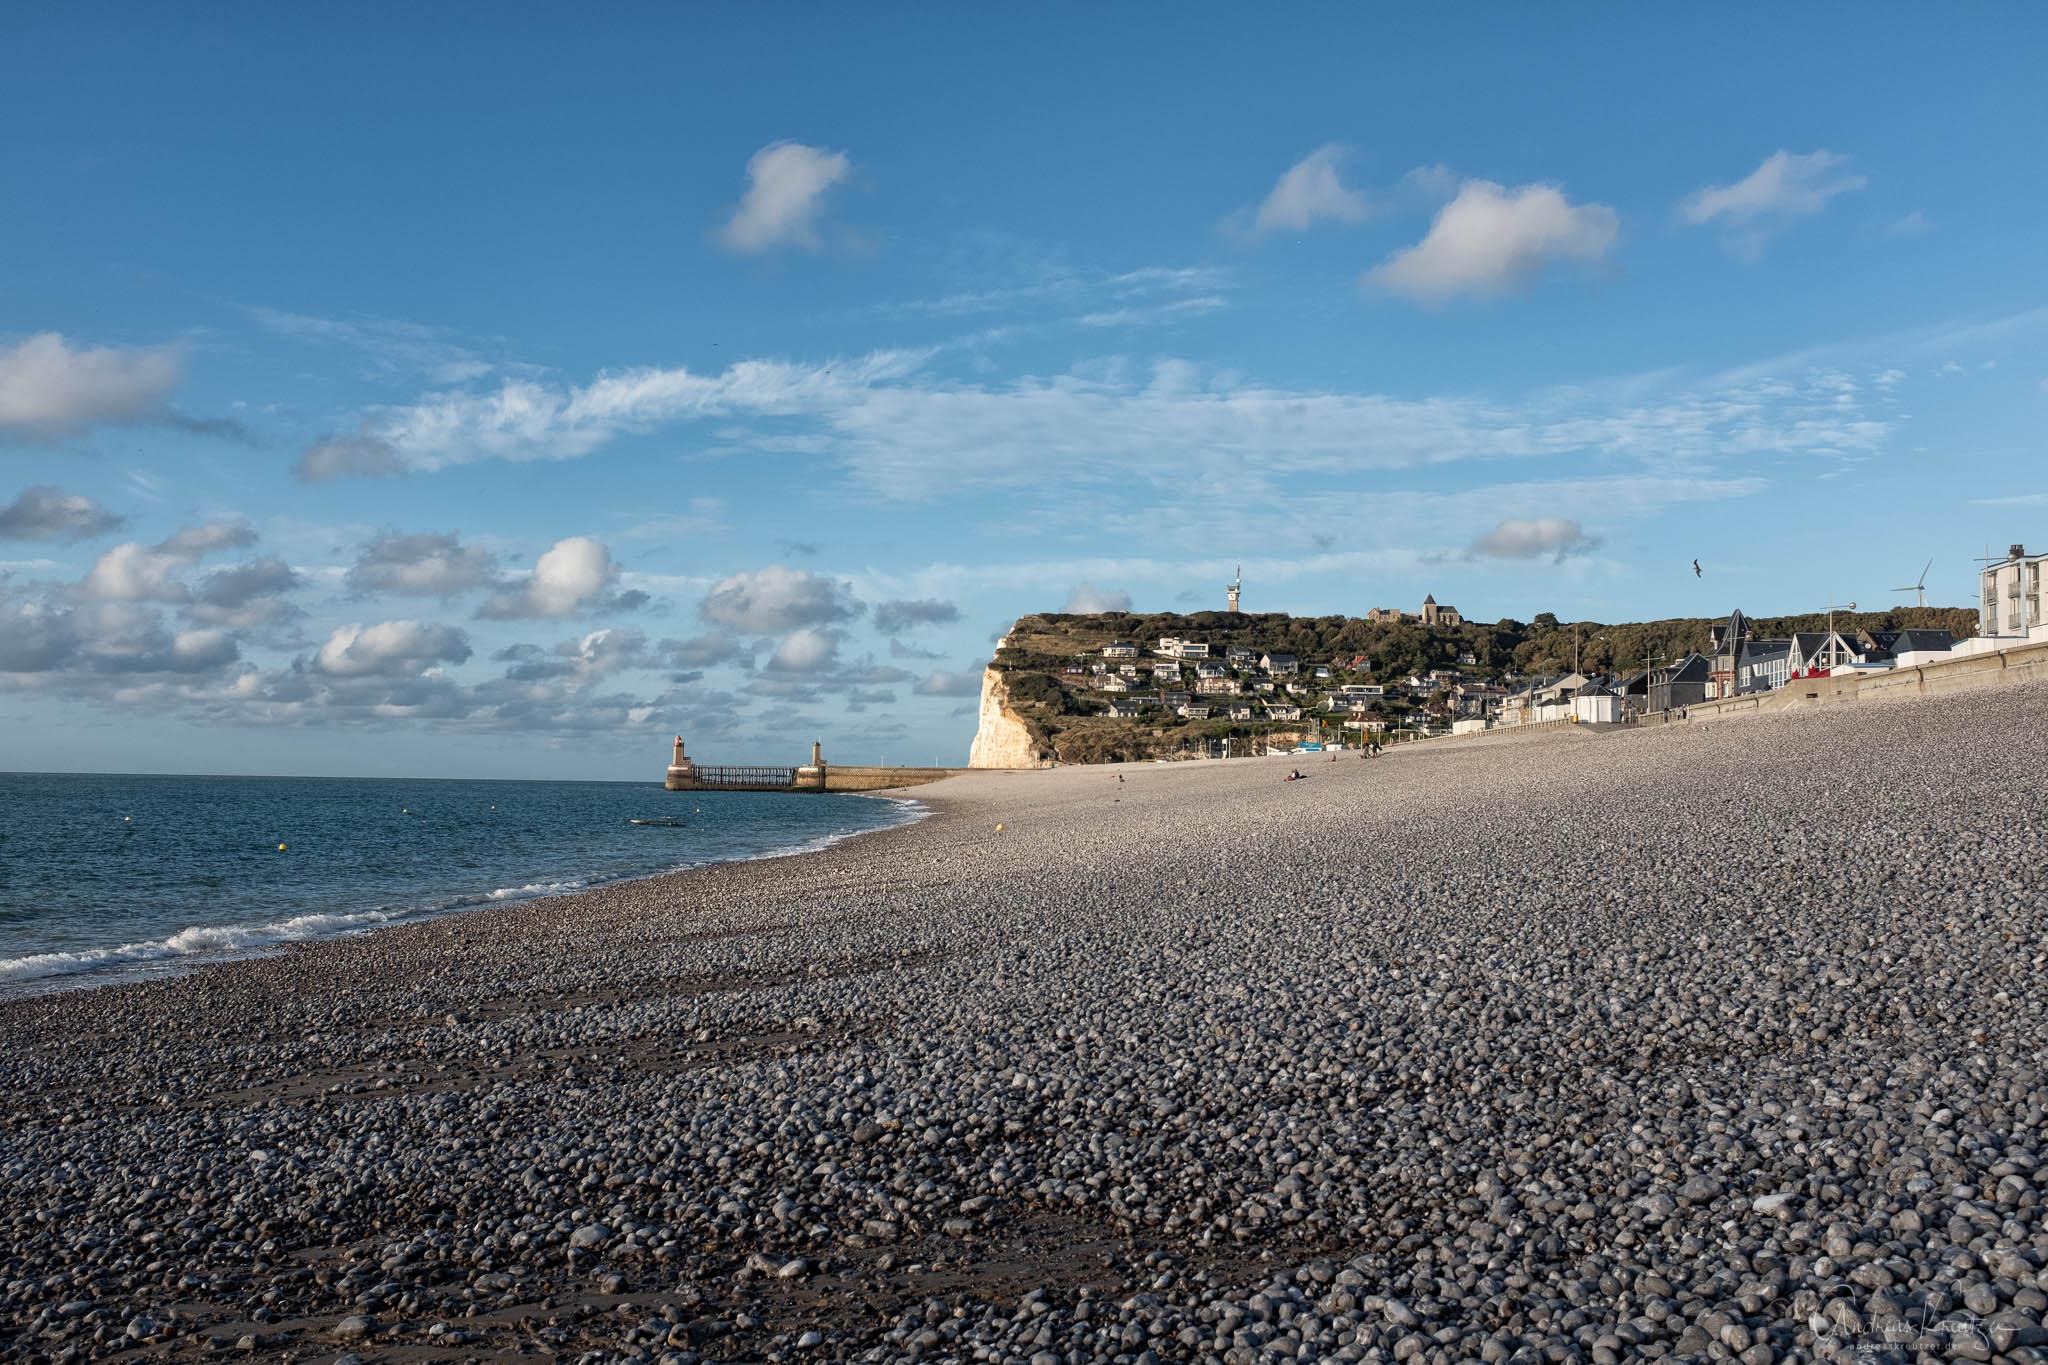 Strand von Fecamp